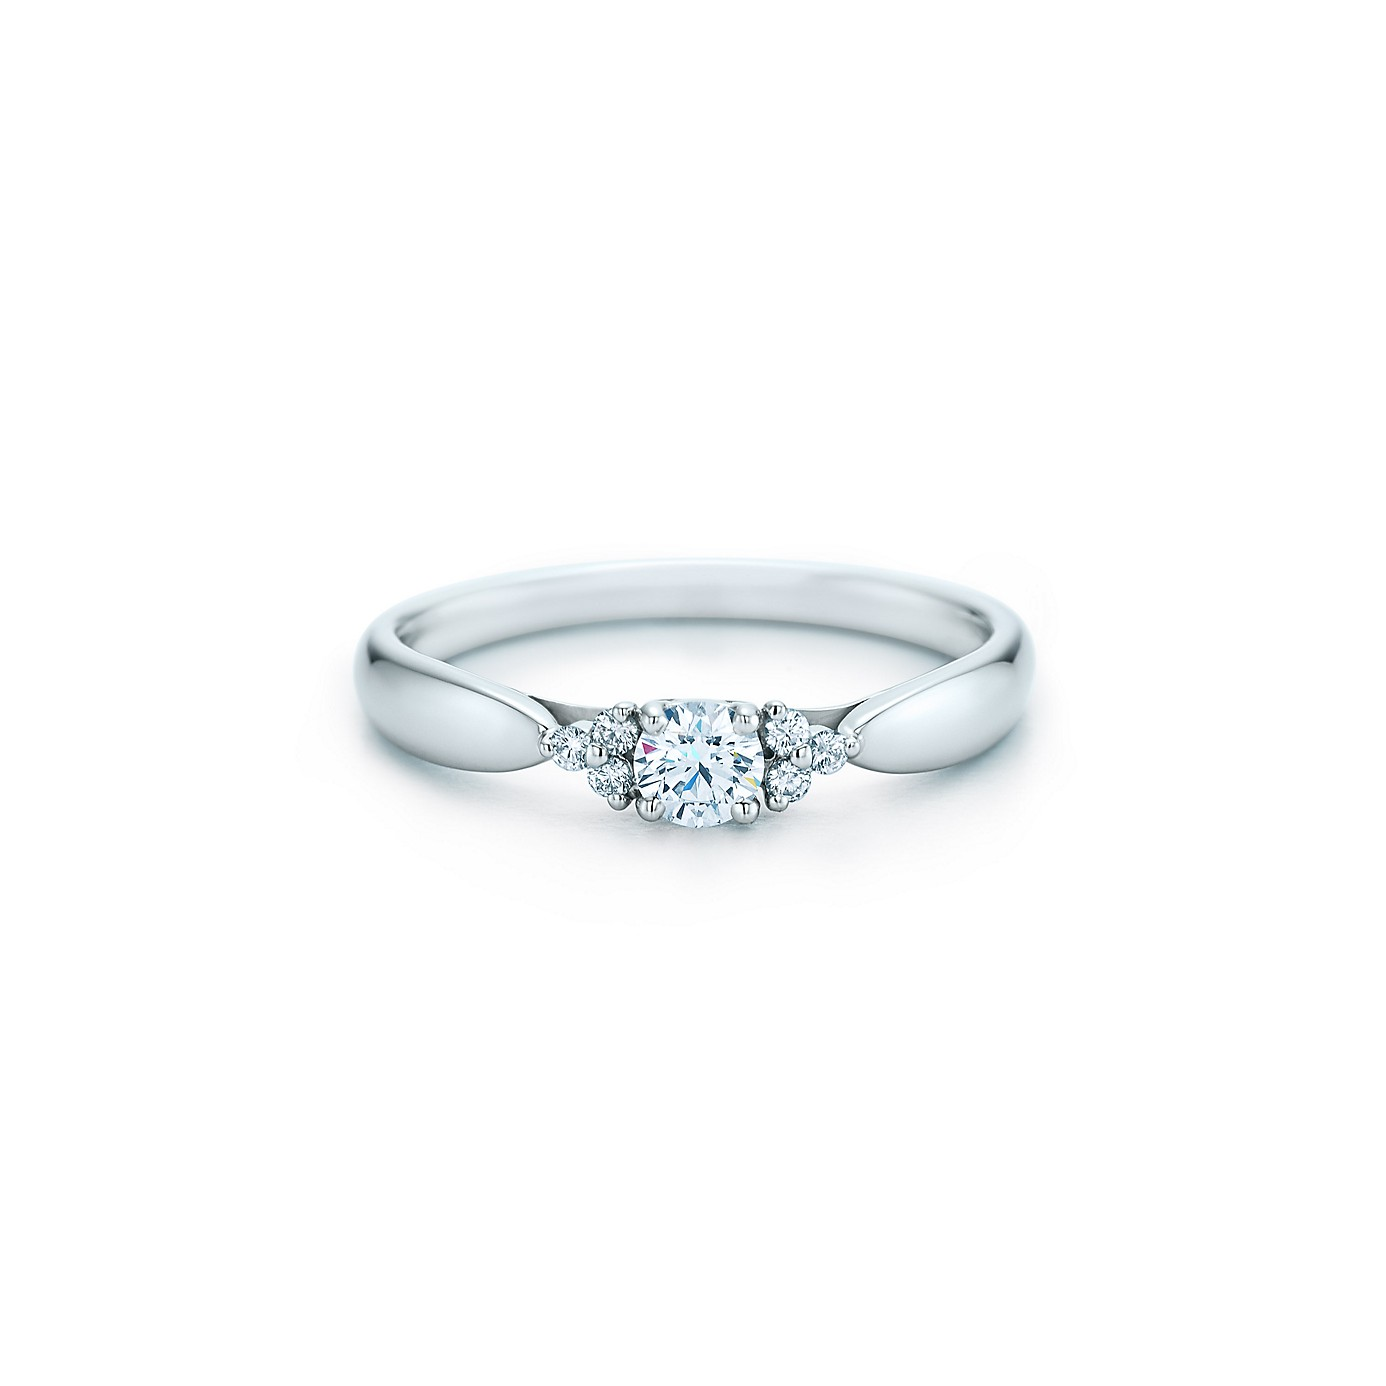 ティファニー ハーモニー ダイヤモンド リング サイドストーン(1)―Tiffany & Co.(ティファニー)